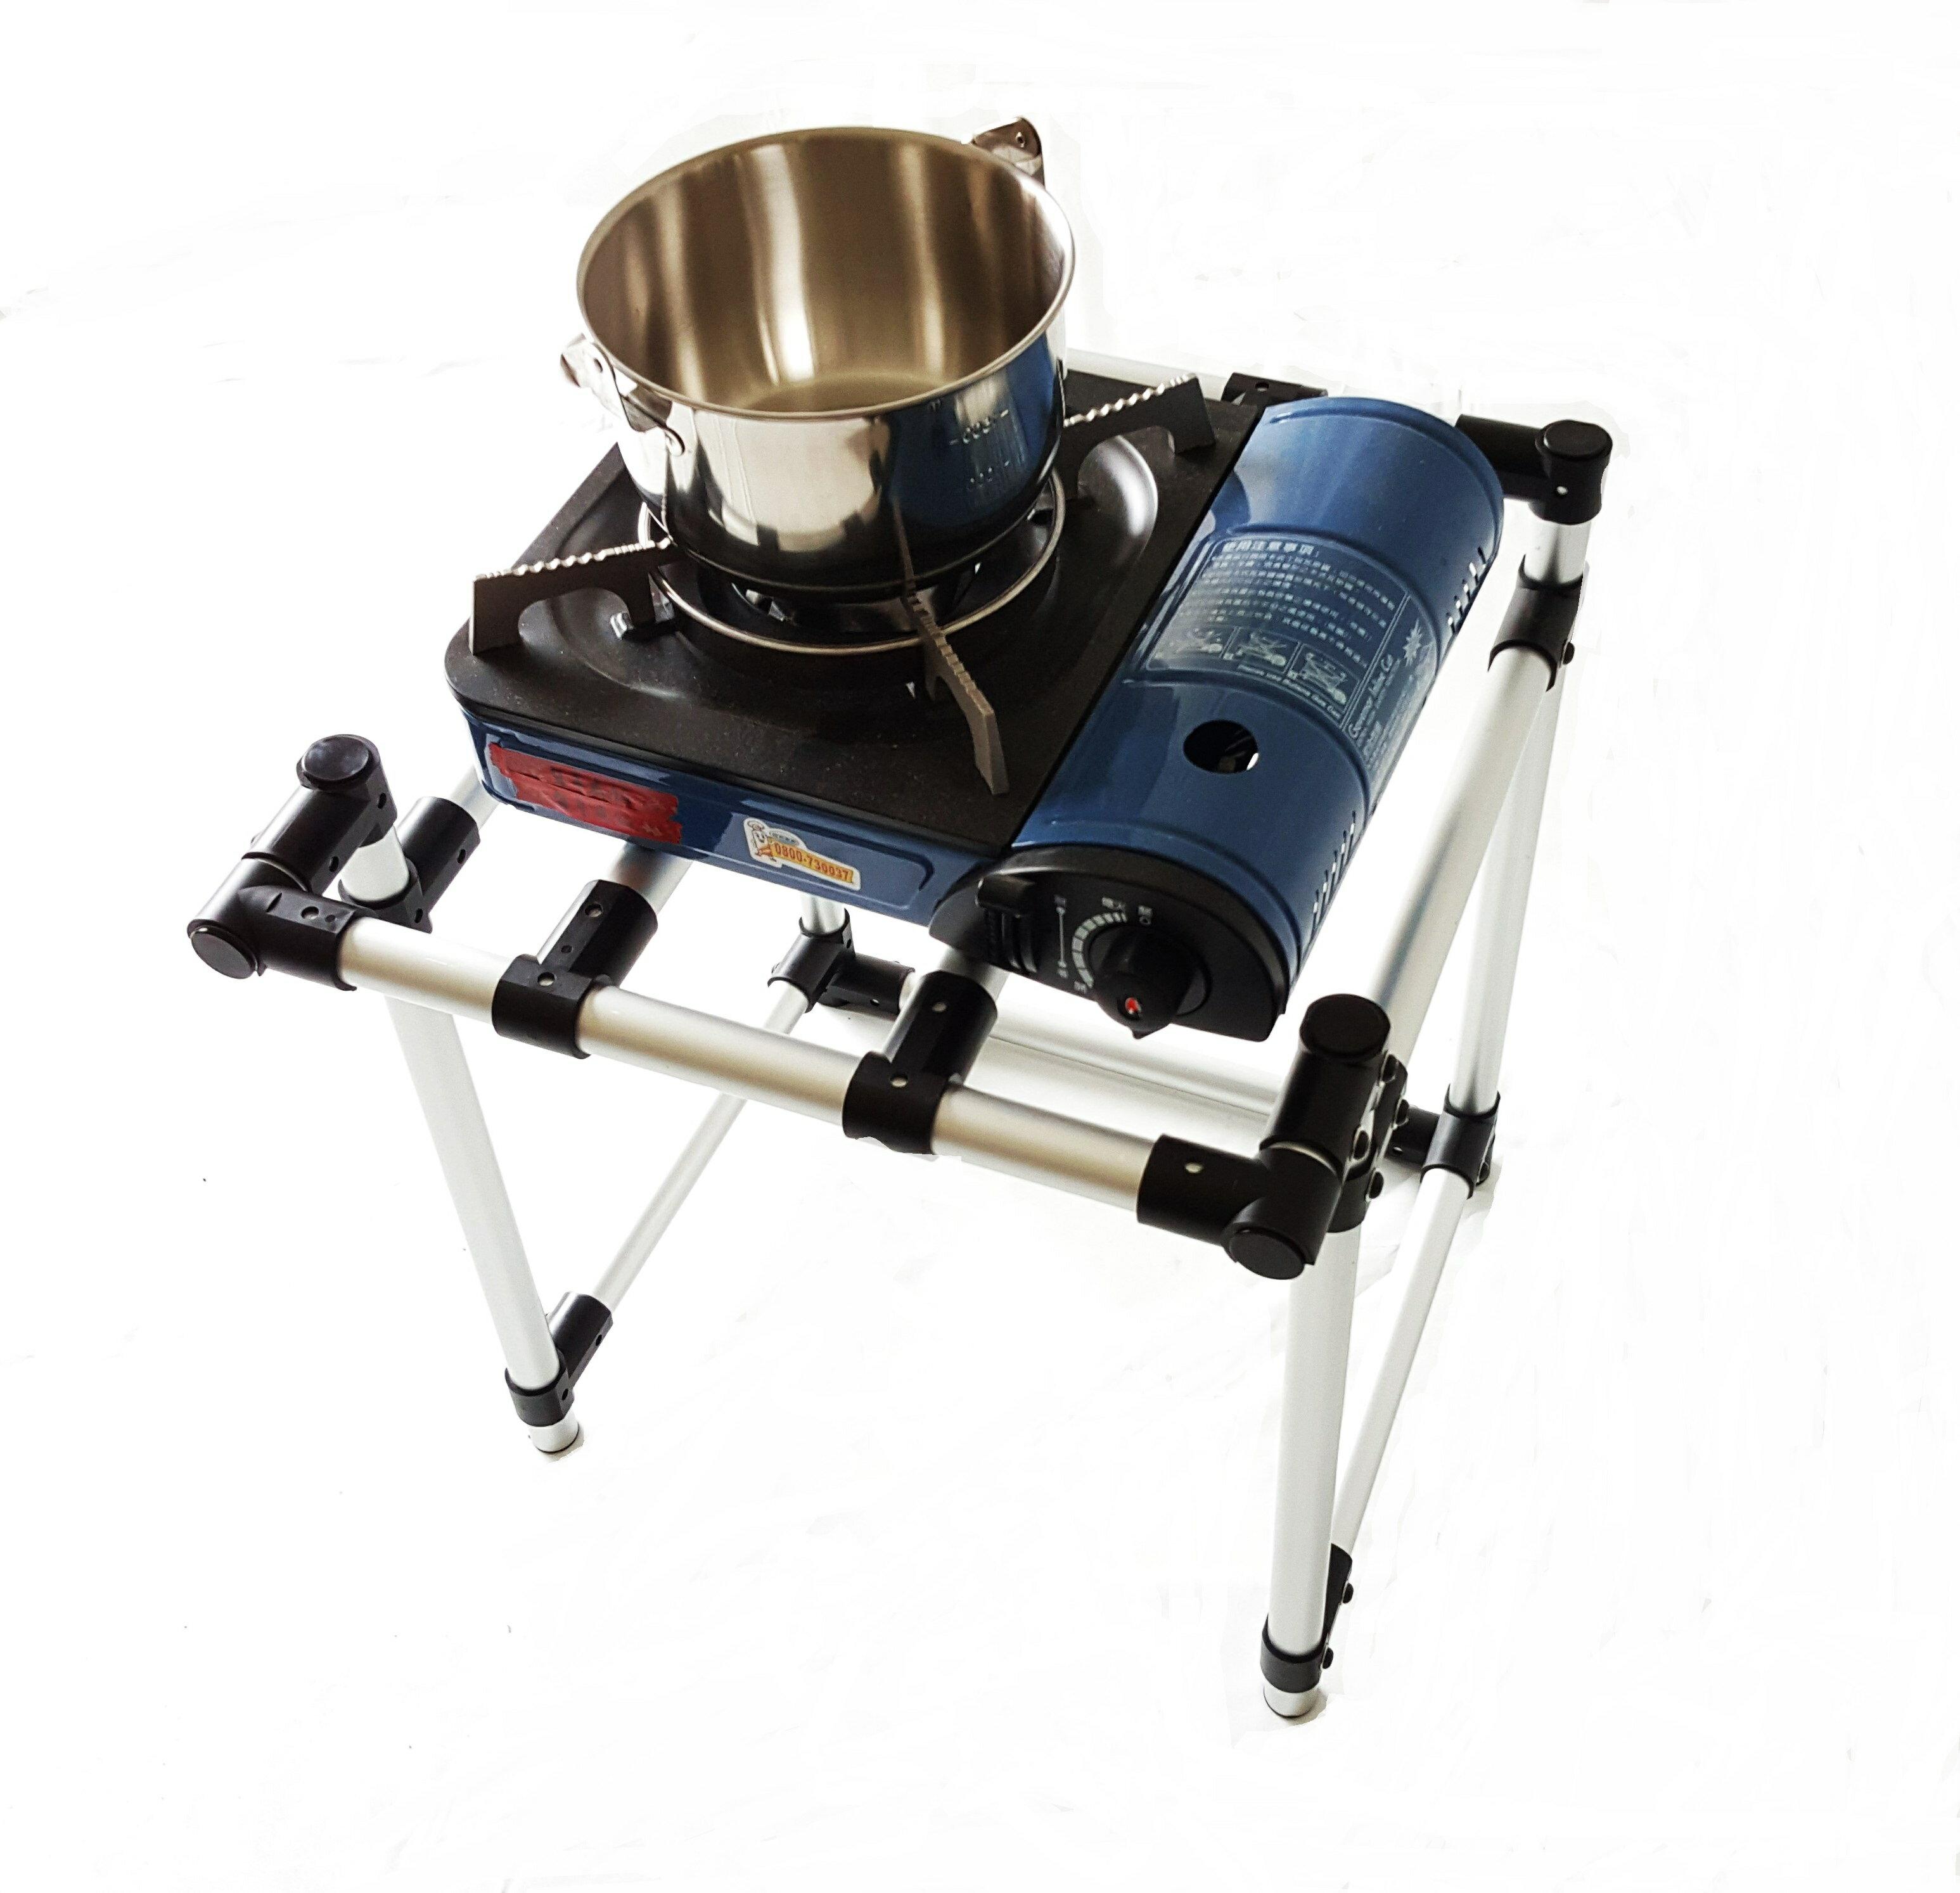 多功能置物架 / 冰桶架 / 爐架 / 雜物架  FR1601